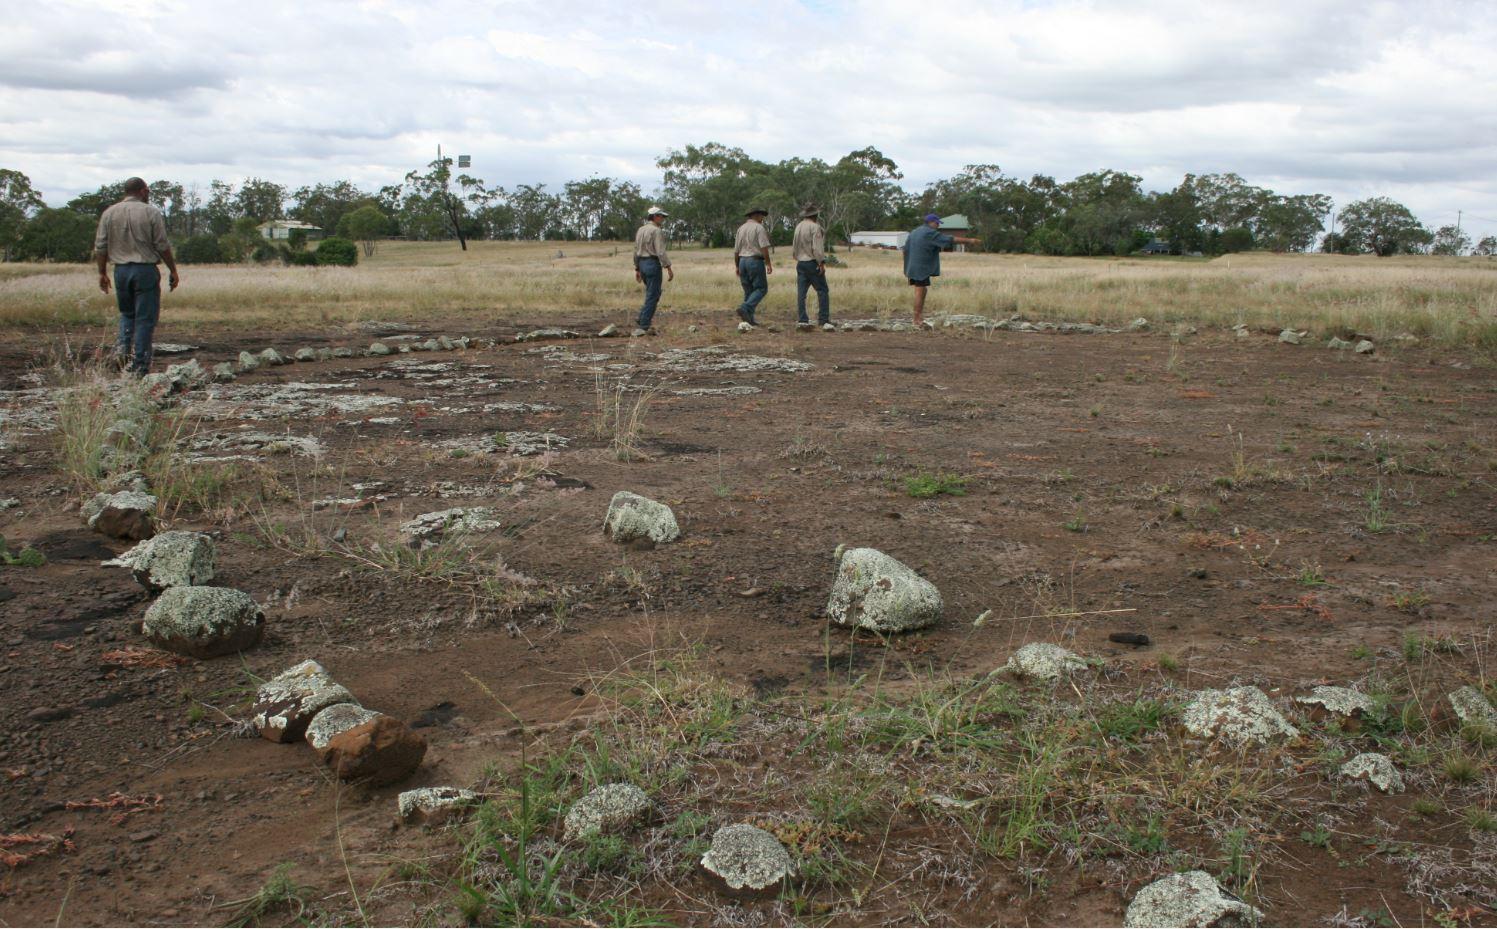 Gummingurru is an Aboriginal Bora, or ceremonial site north of Toowoomba.